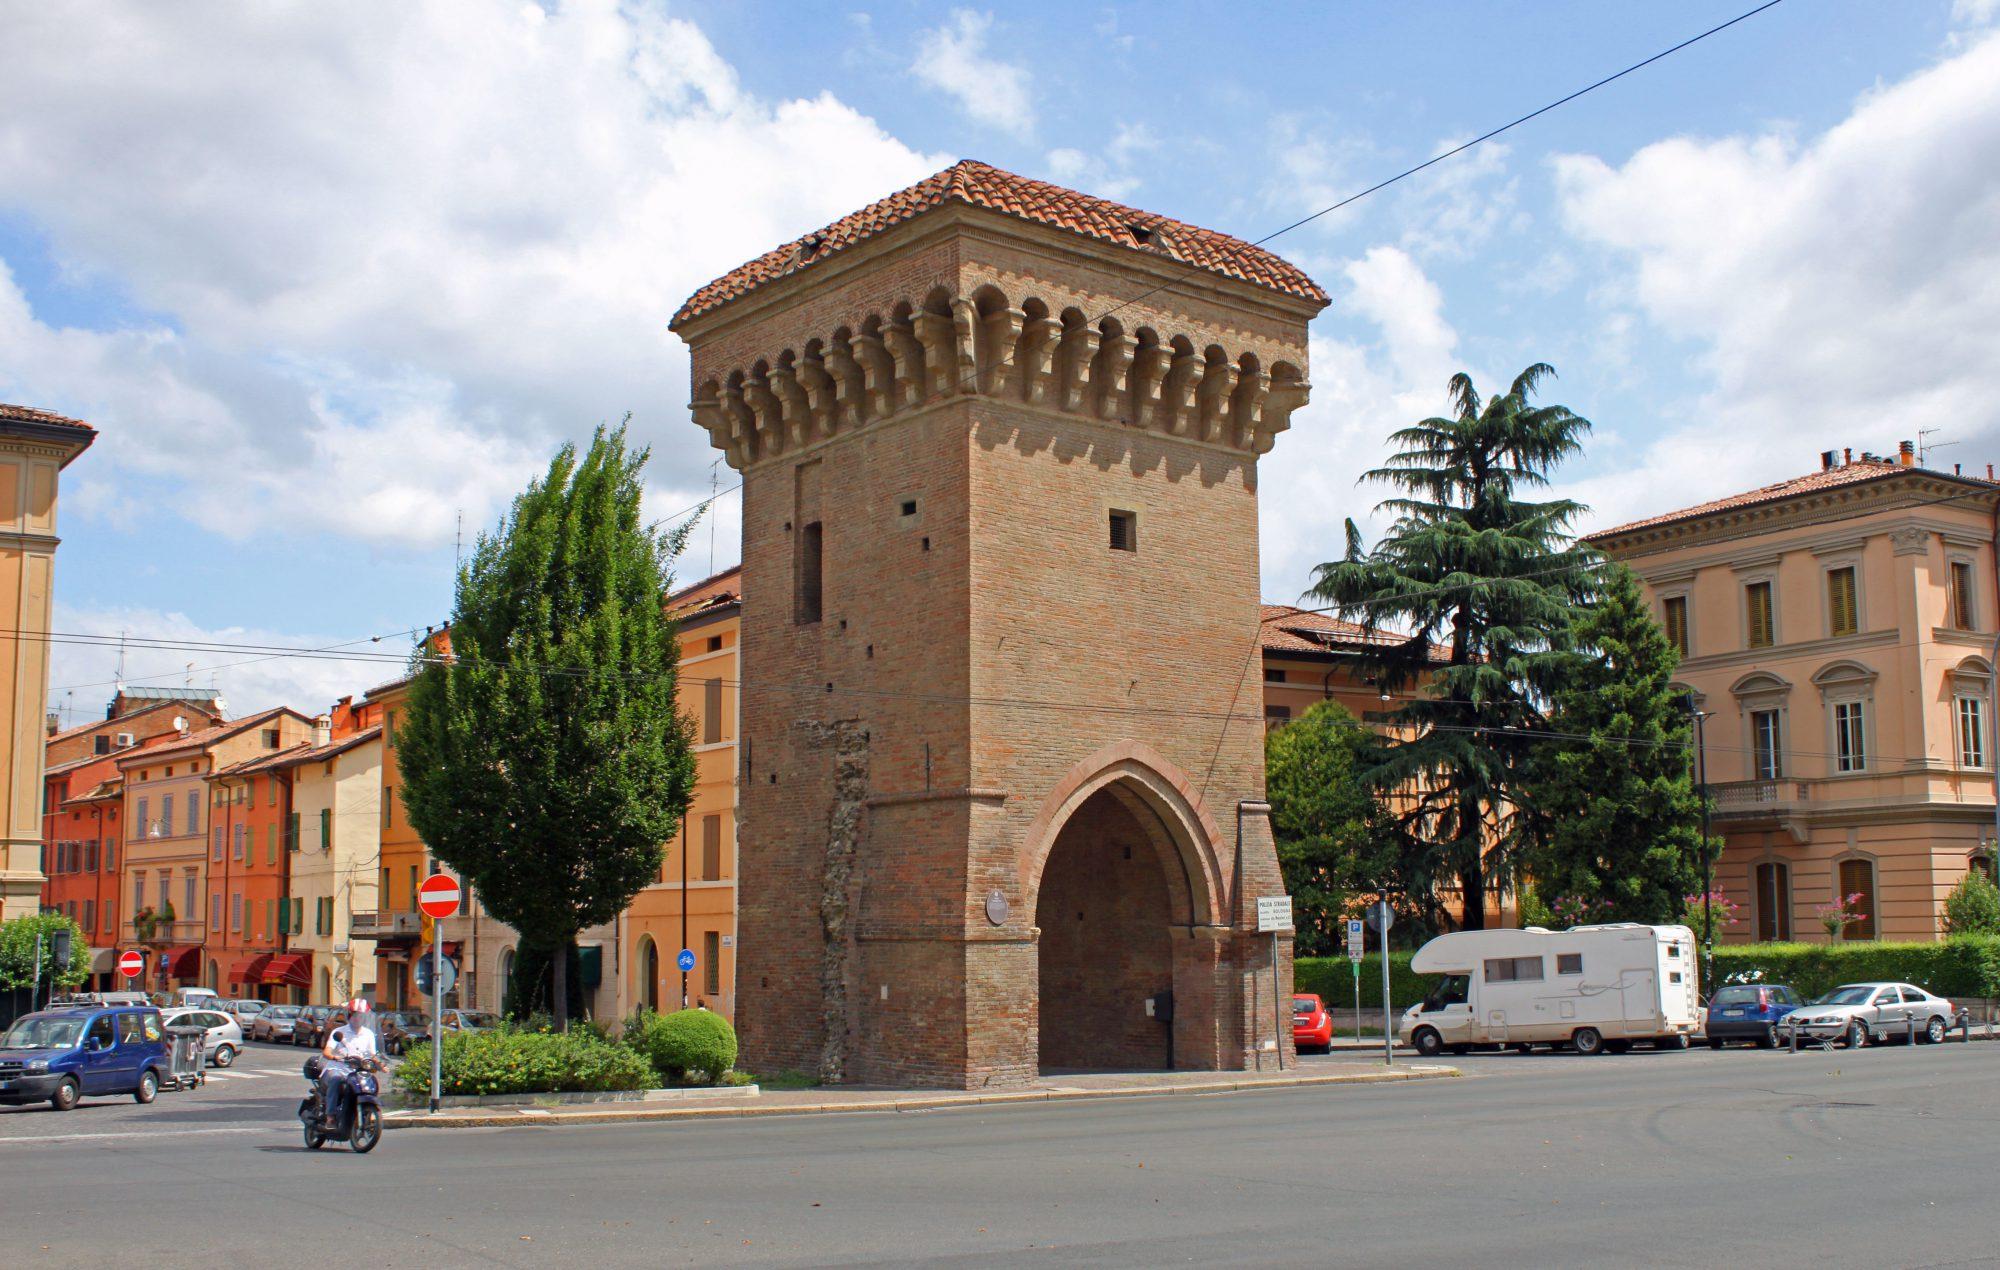 Strada Castiglione